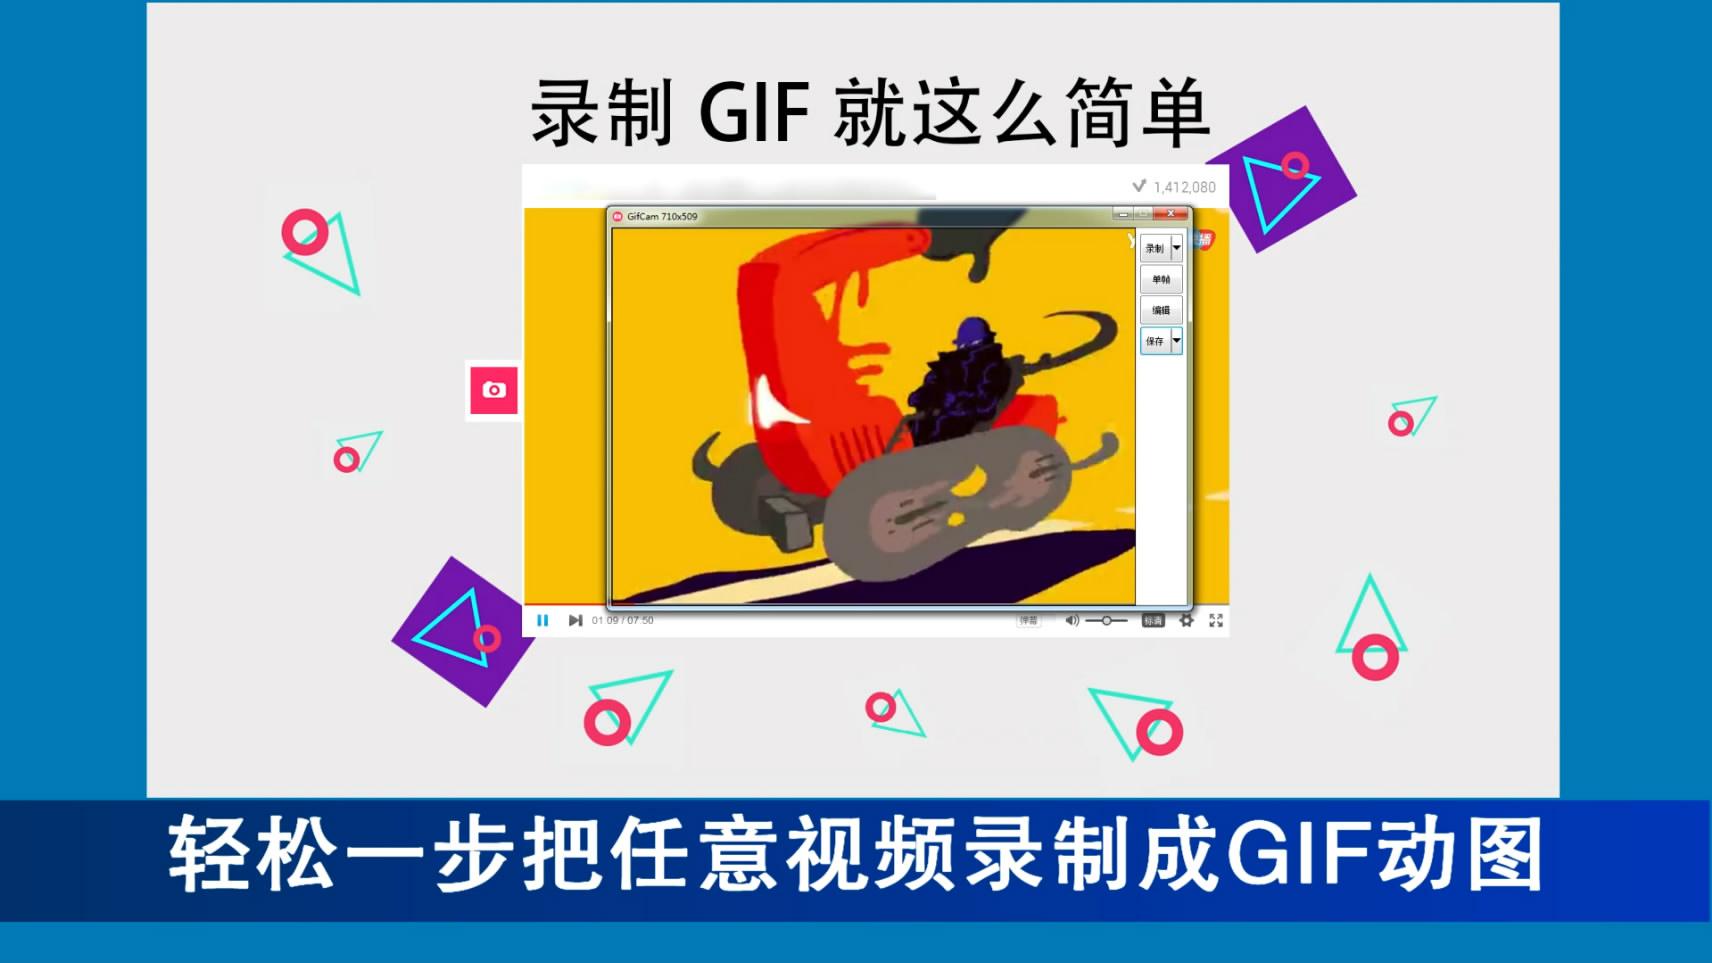 轻松一步把所看到的视频或电影直接录制成GIF动图